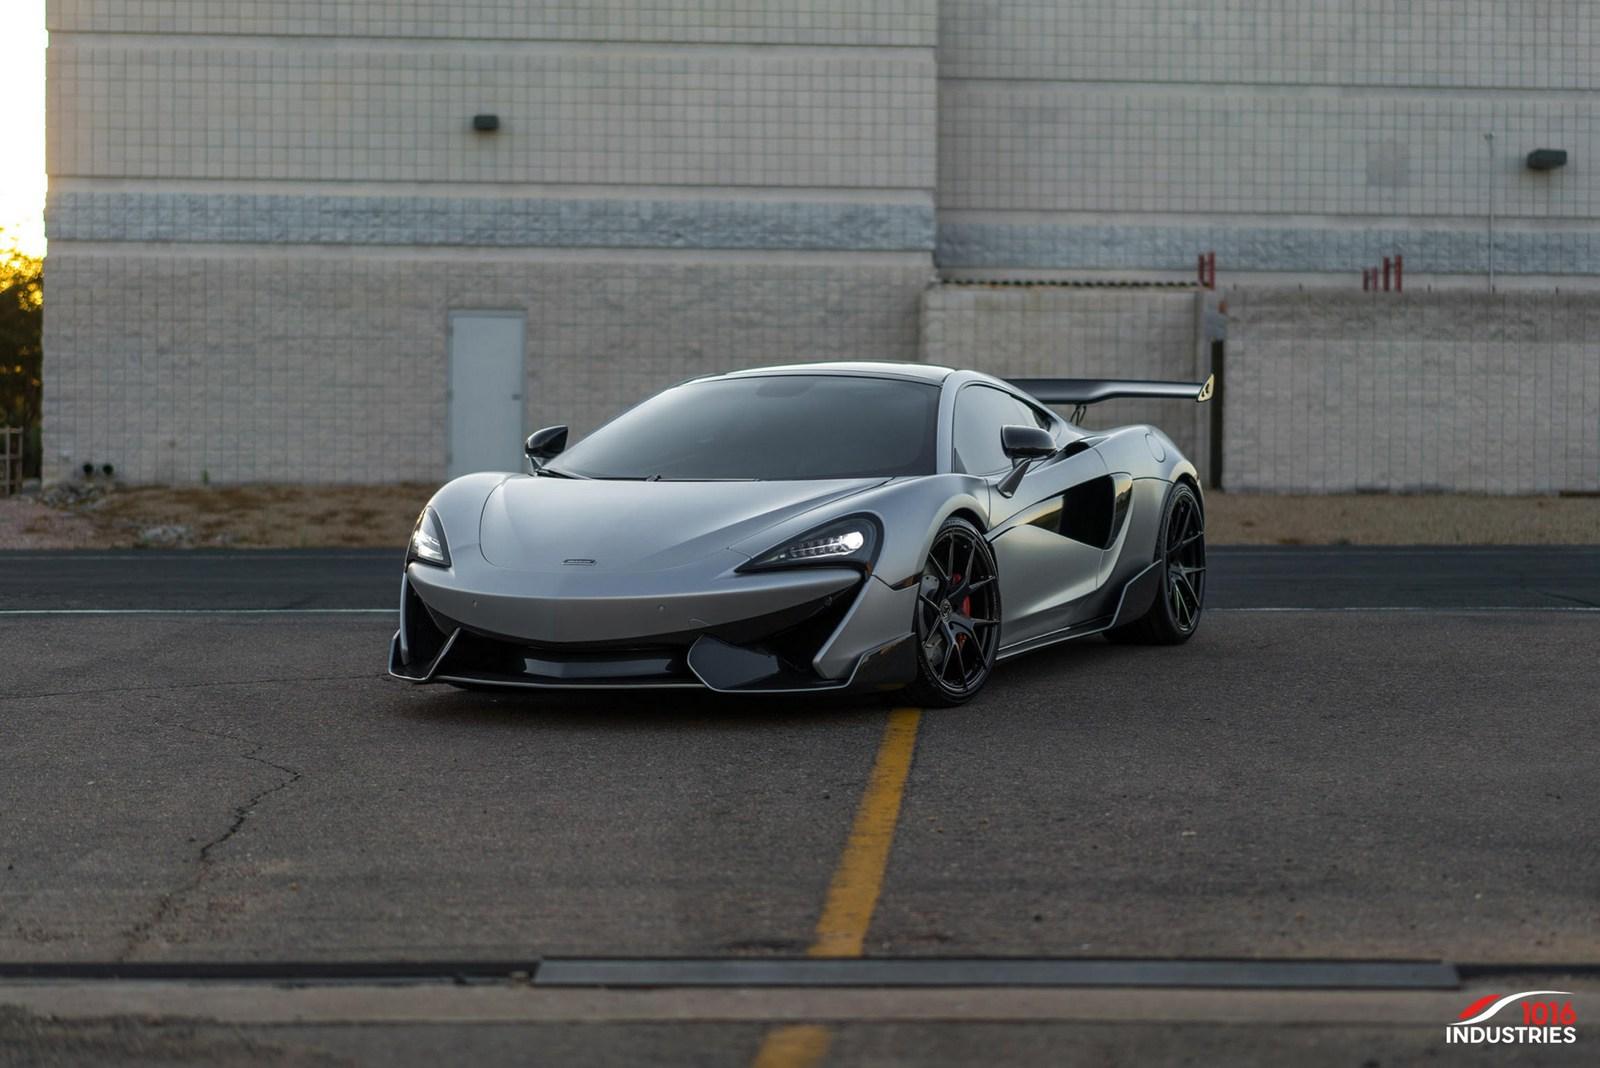 McLaren-570S-Sport-Series-by-1016-Industries-1 (1)